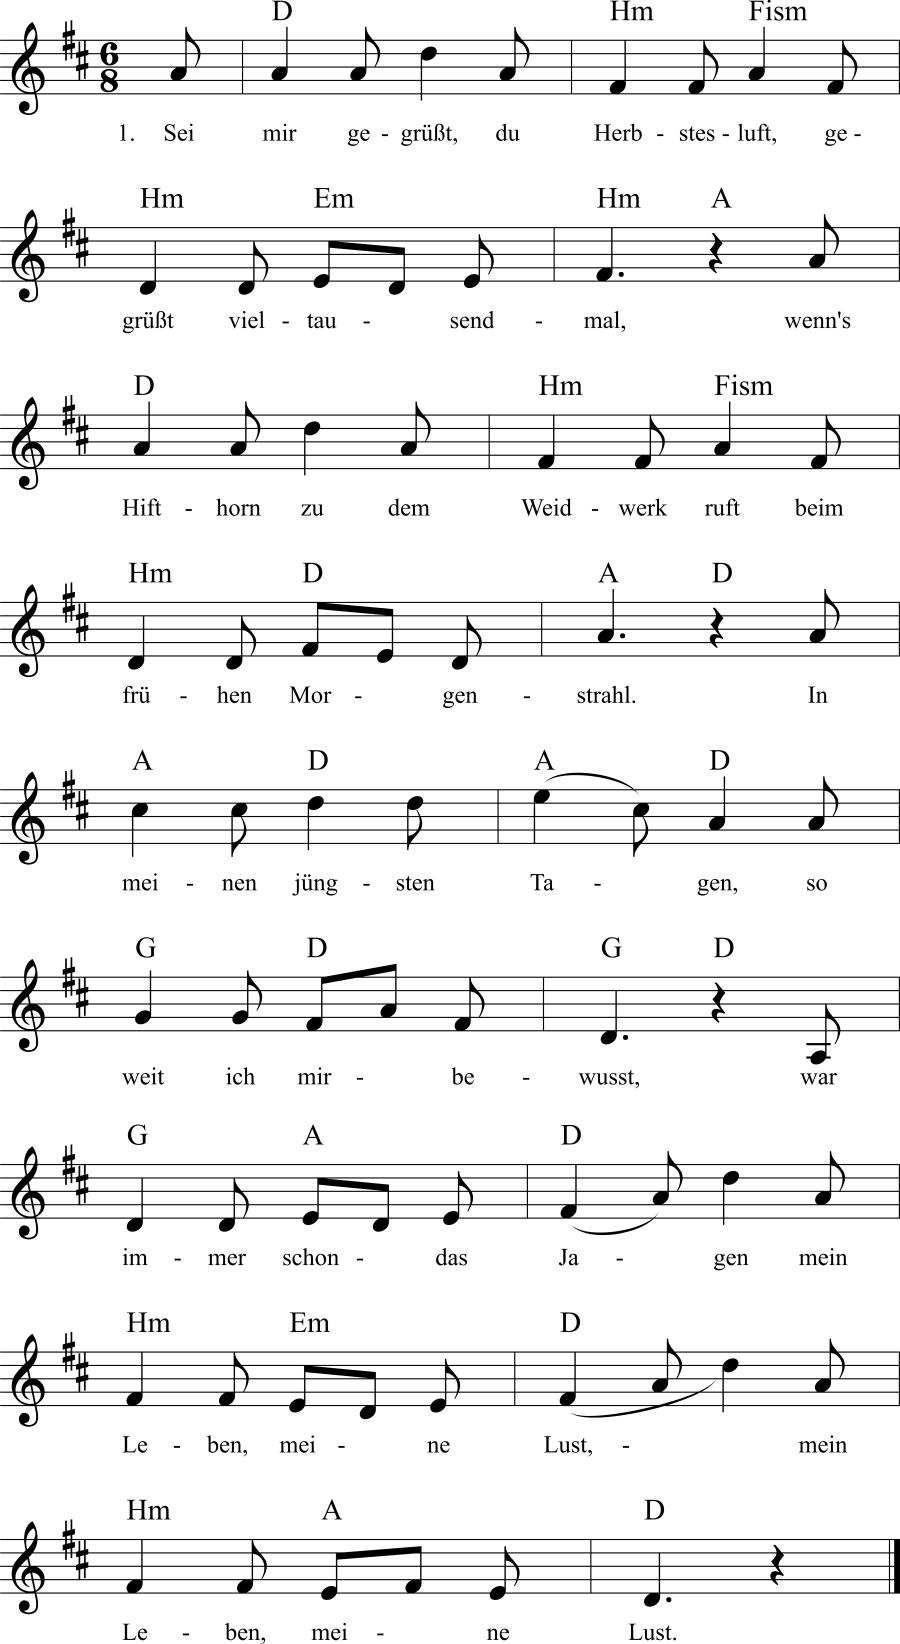 Musiknoten zum Lied Herbstesluft